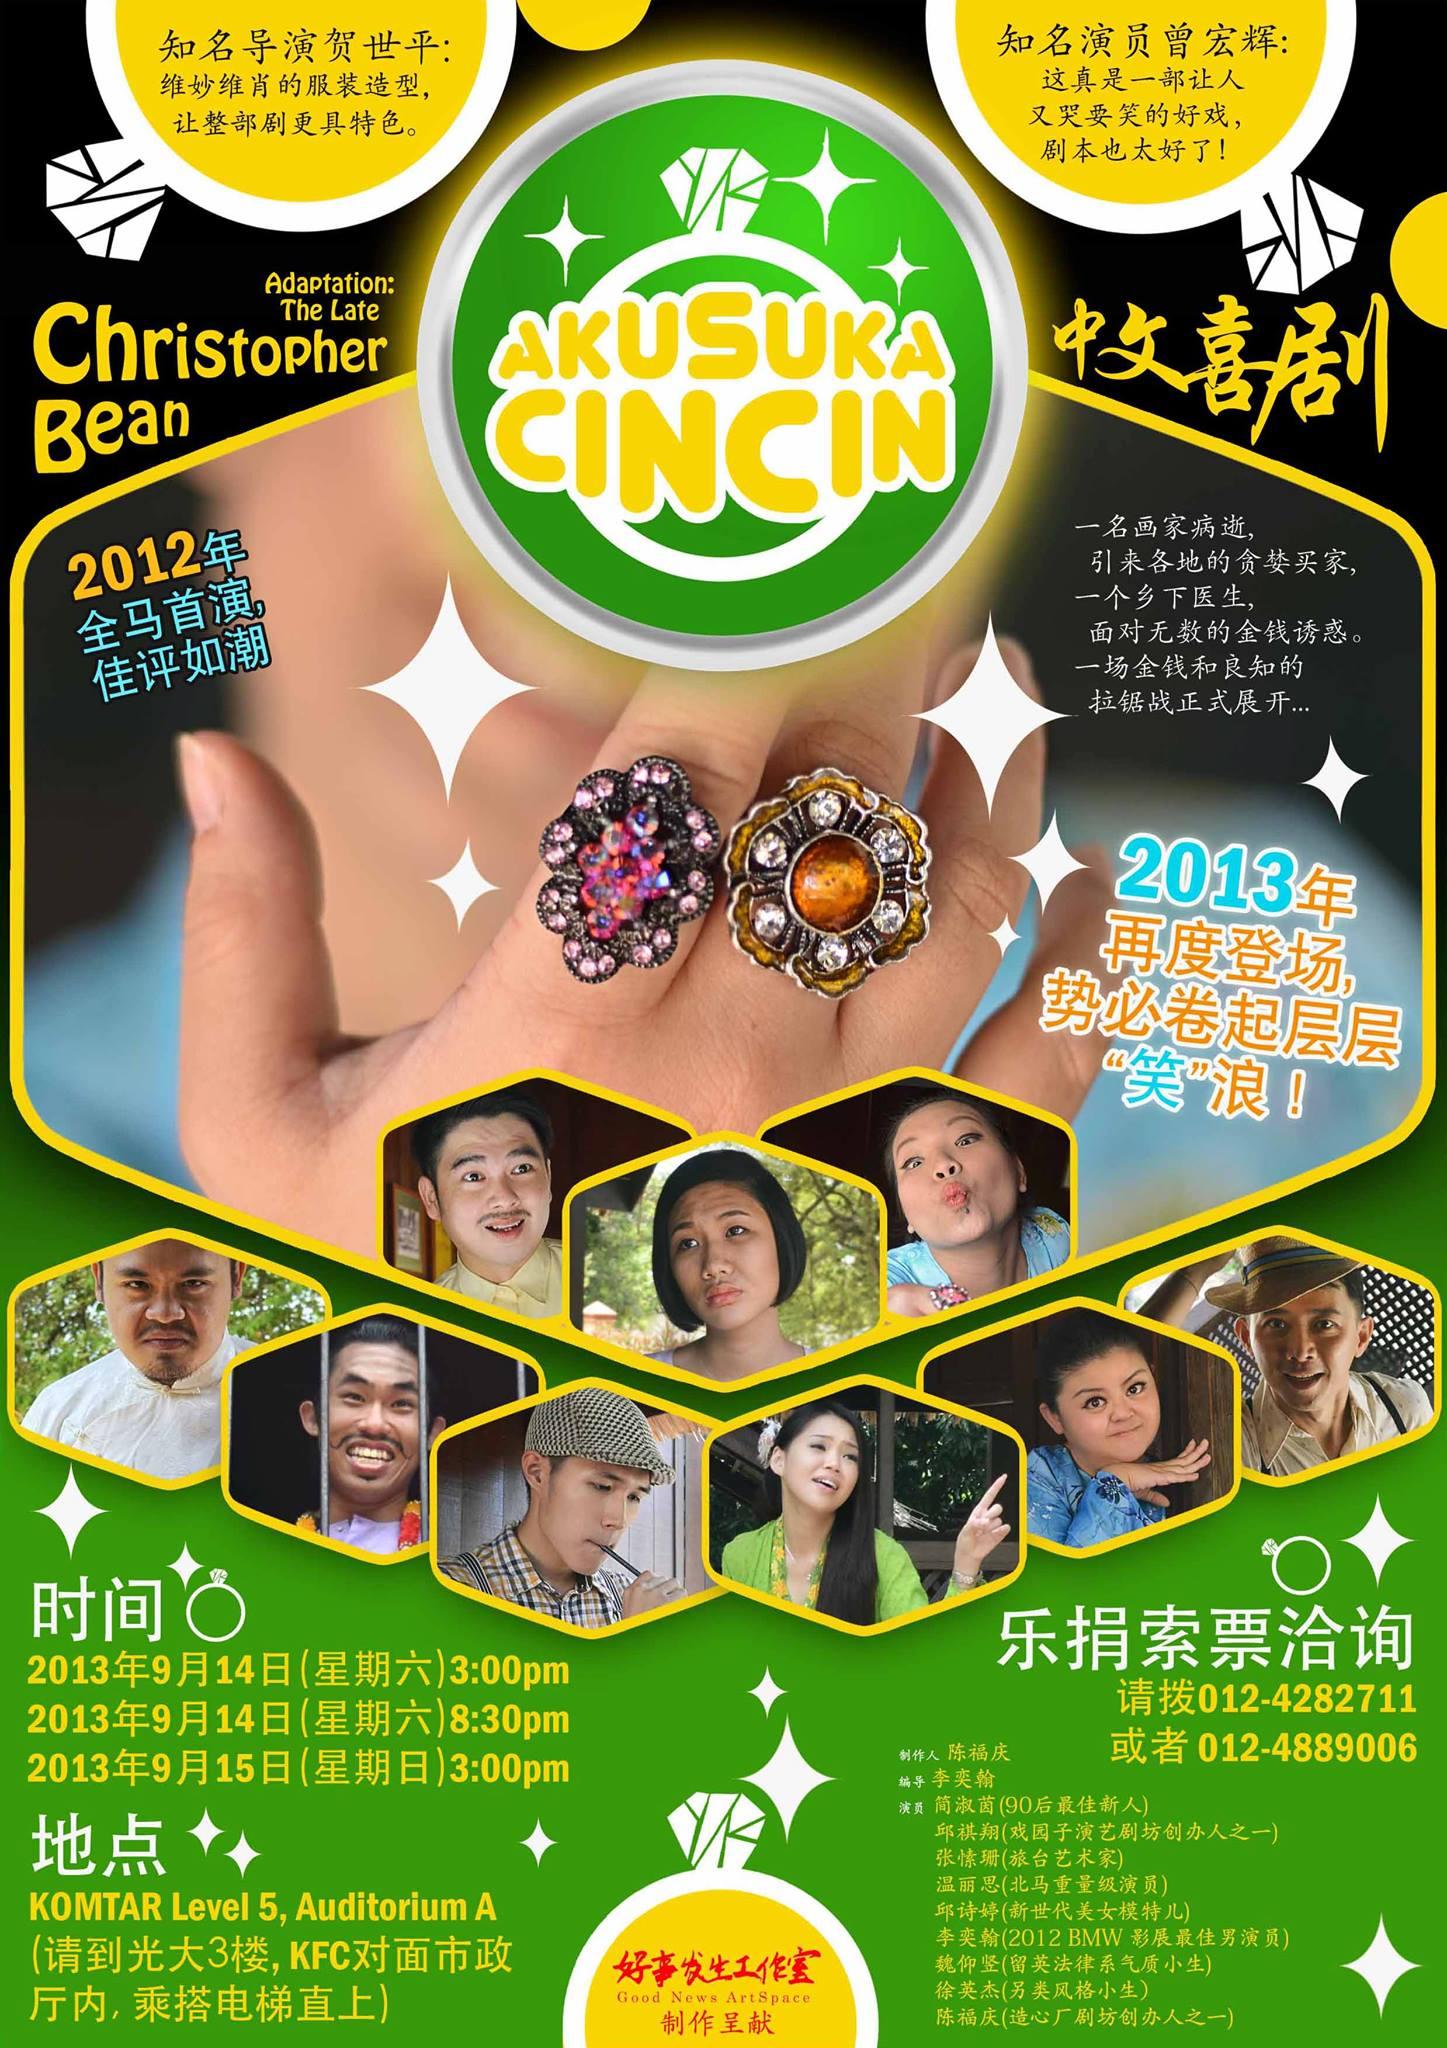 2013 Aku Suka Cincin Poster